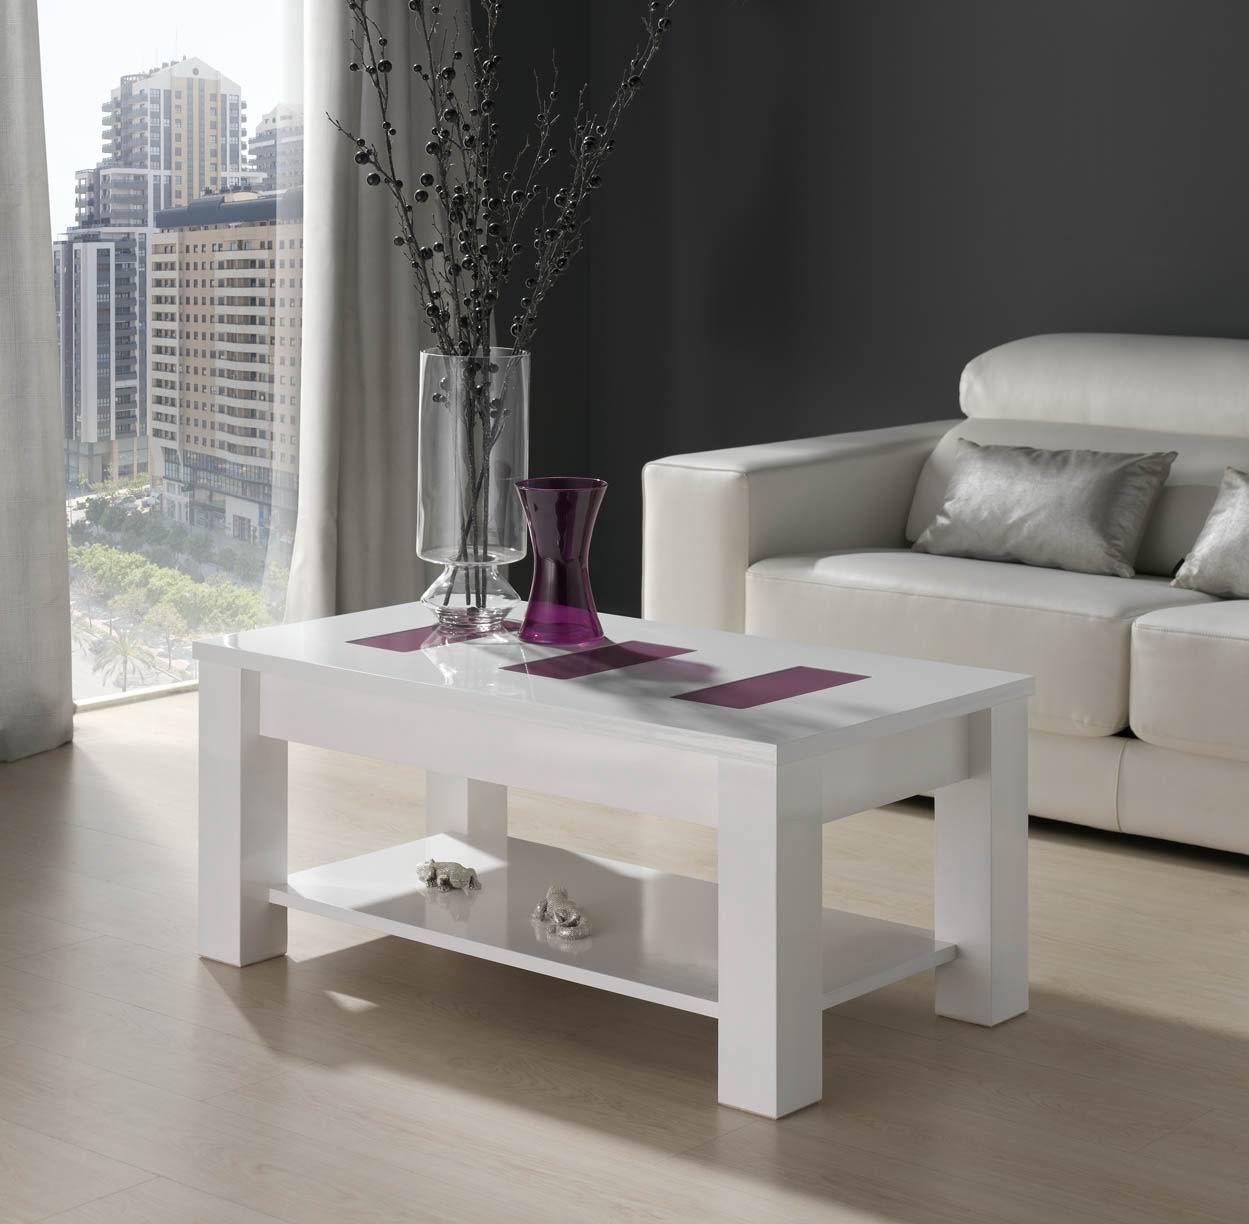 Mesas de centro madera mesas y sillas mubles camobel - Mesa centro madera ...